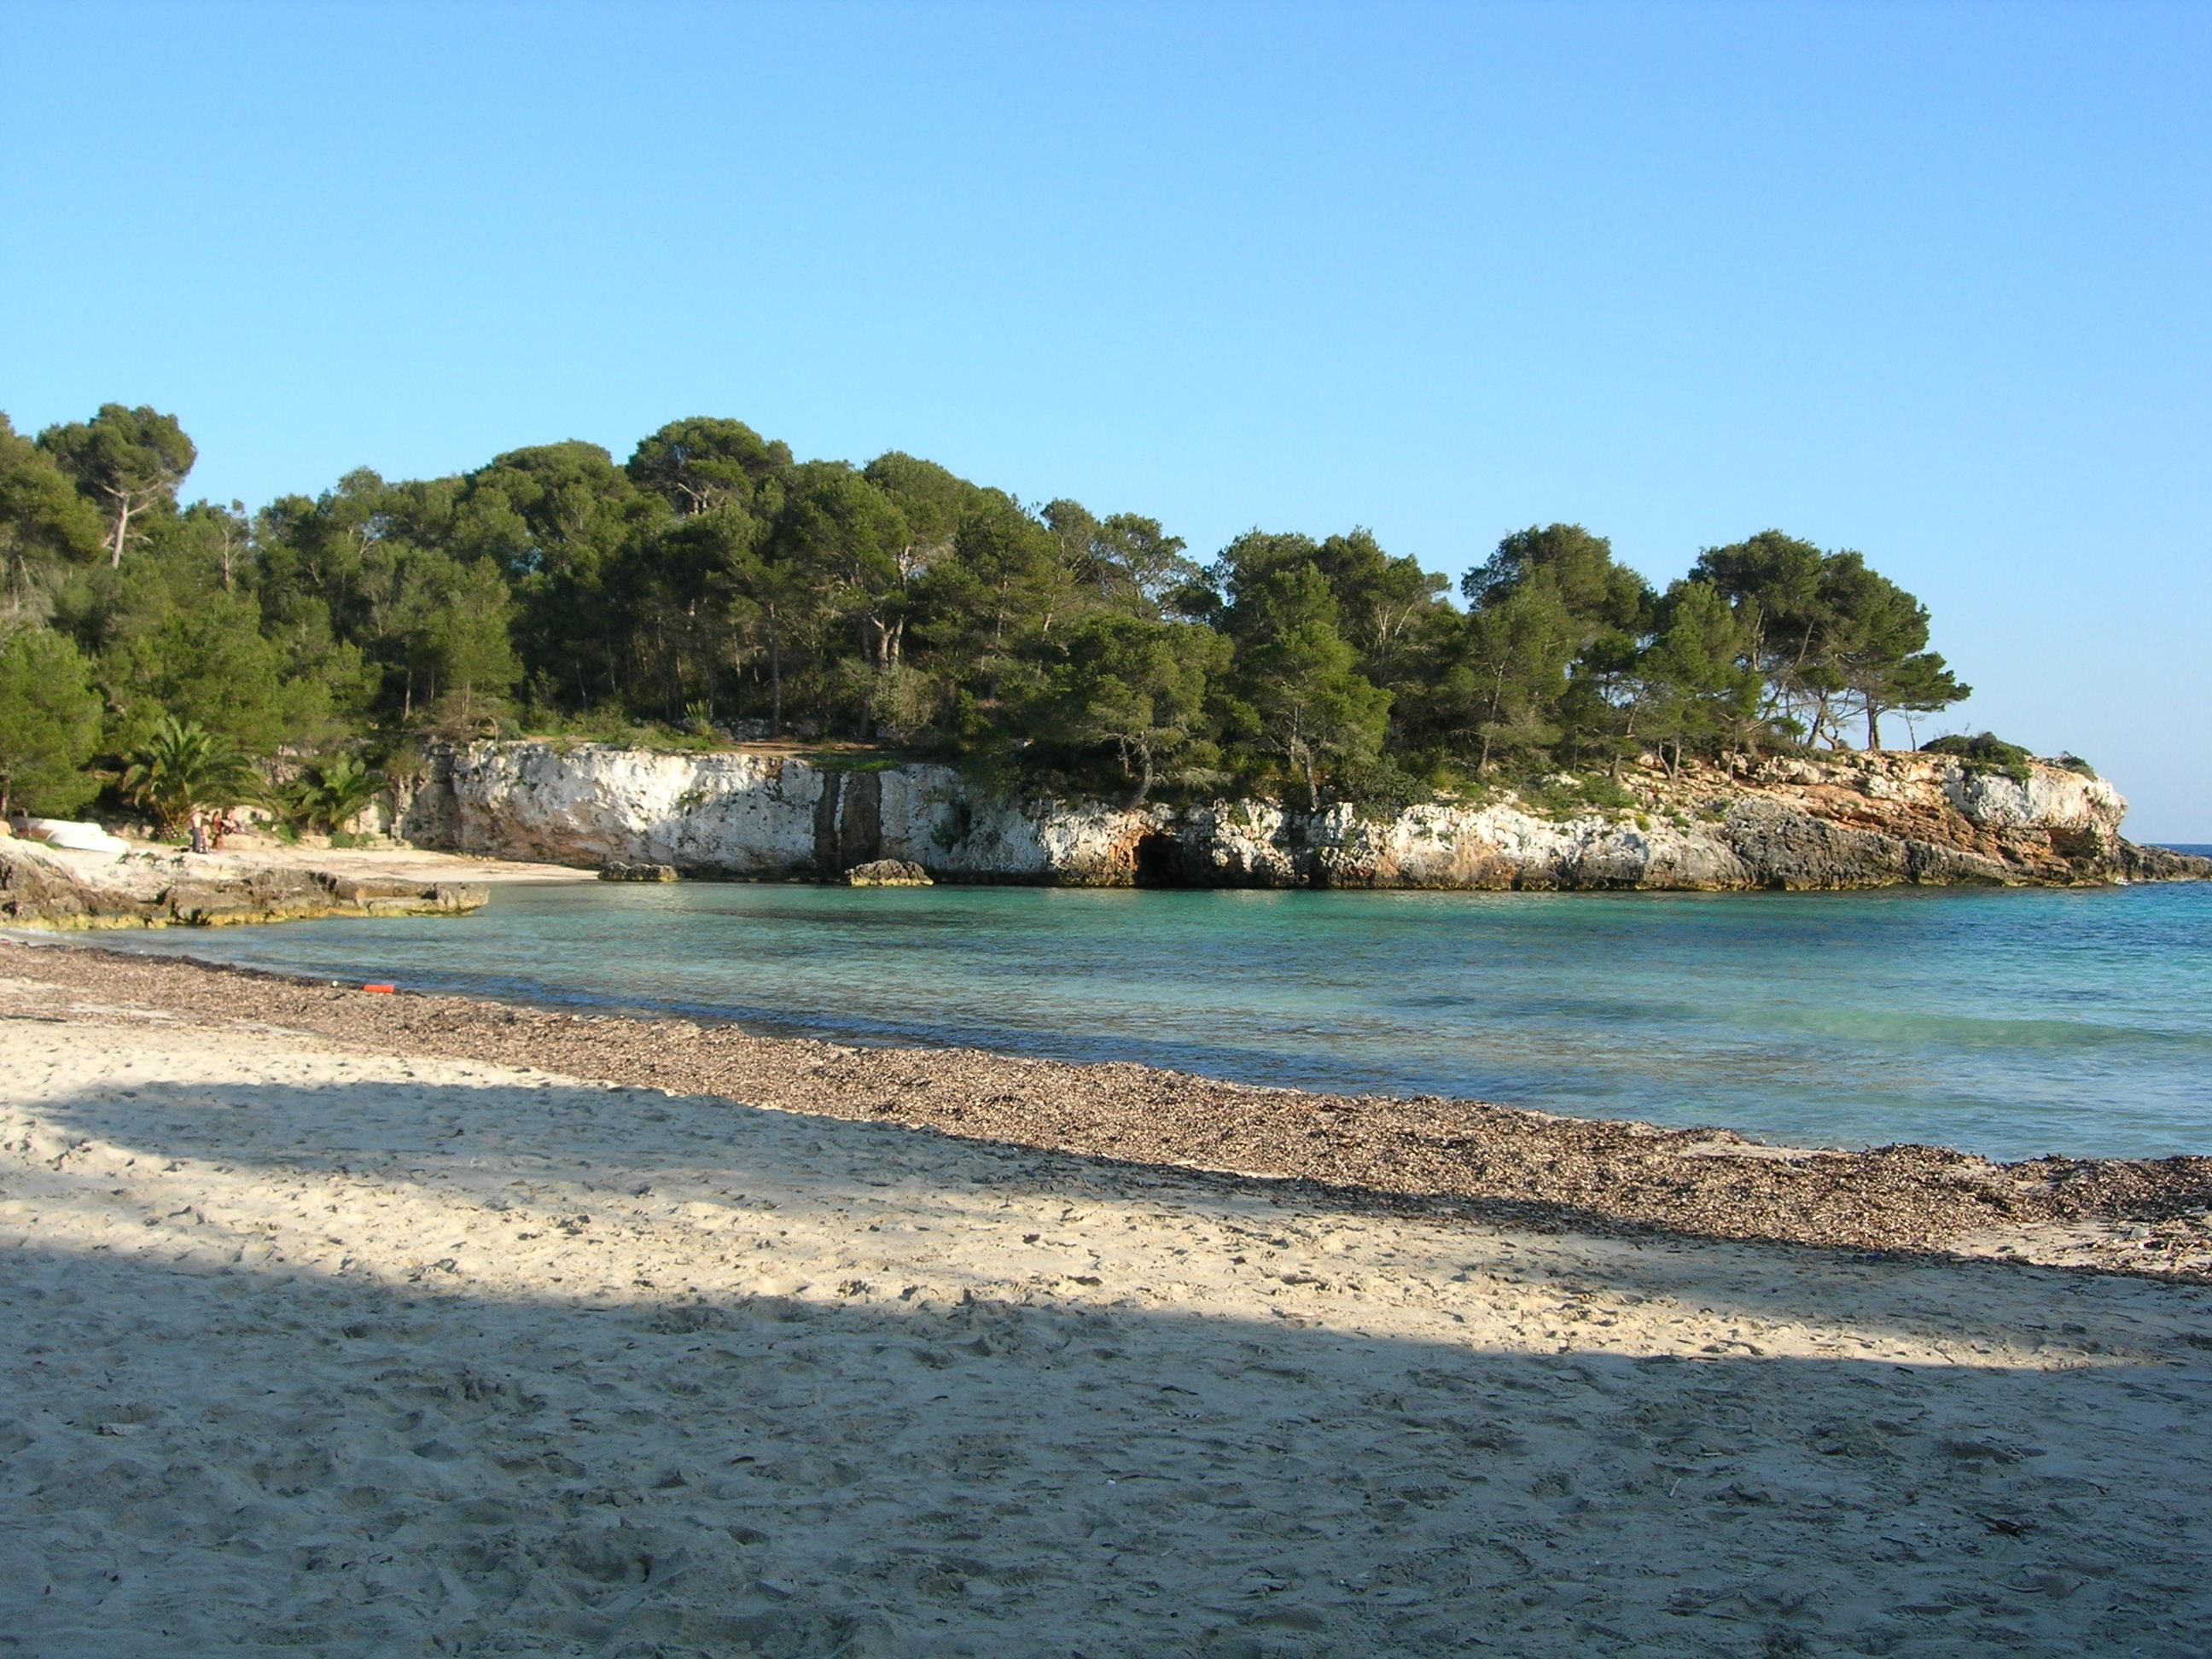 File:E04 Cala d'en Turqueta.JPG - Wikimedia Commons